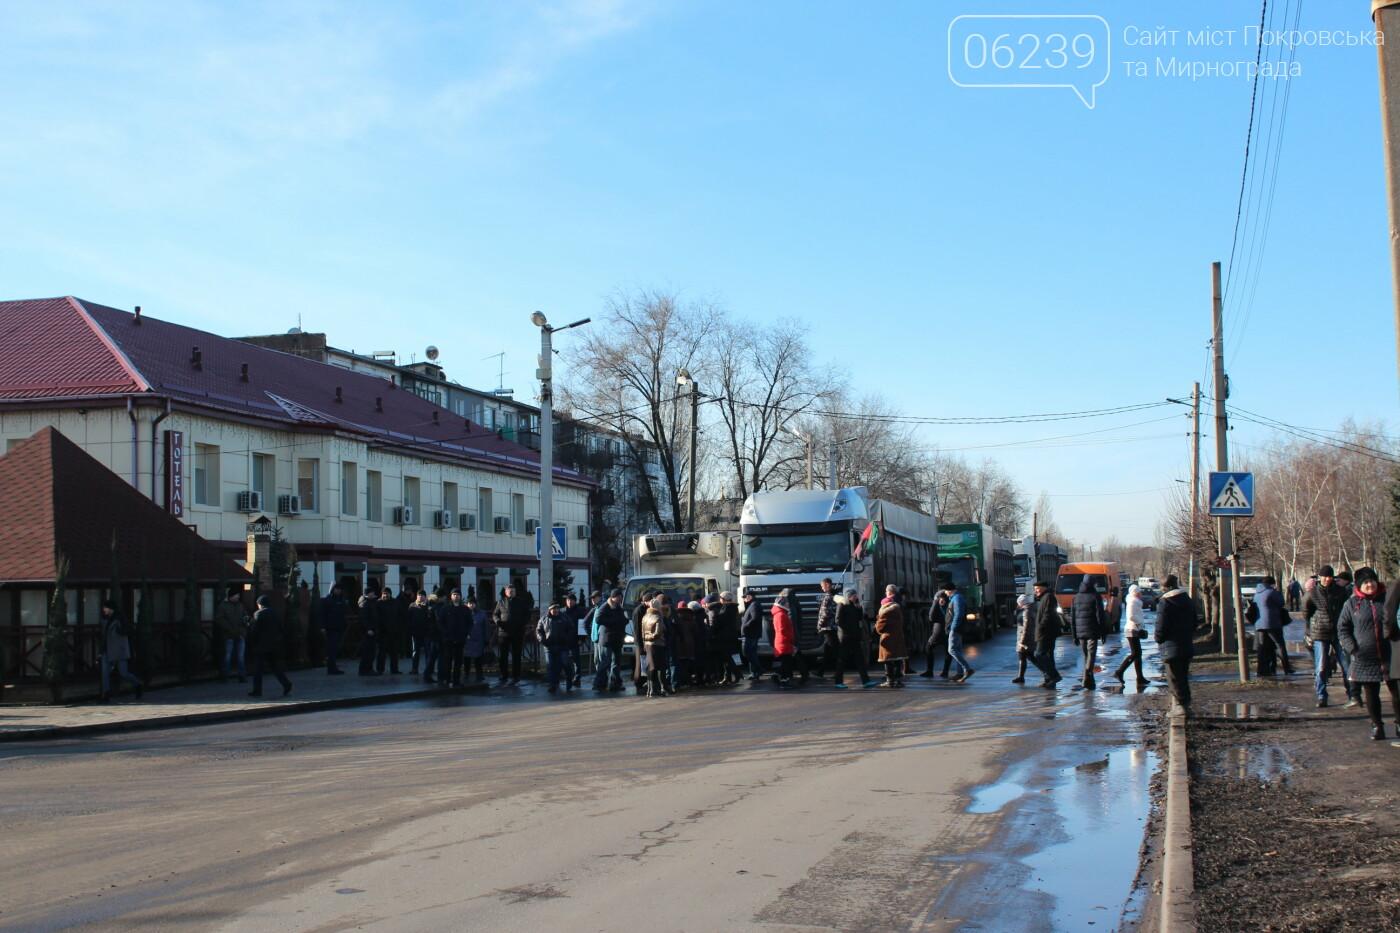 В Мирнограде горняки снова вышли на акцию протеста, на этот раз перекрыли 2 главные улицы города , фото-4